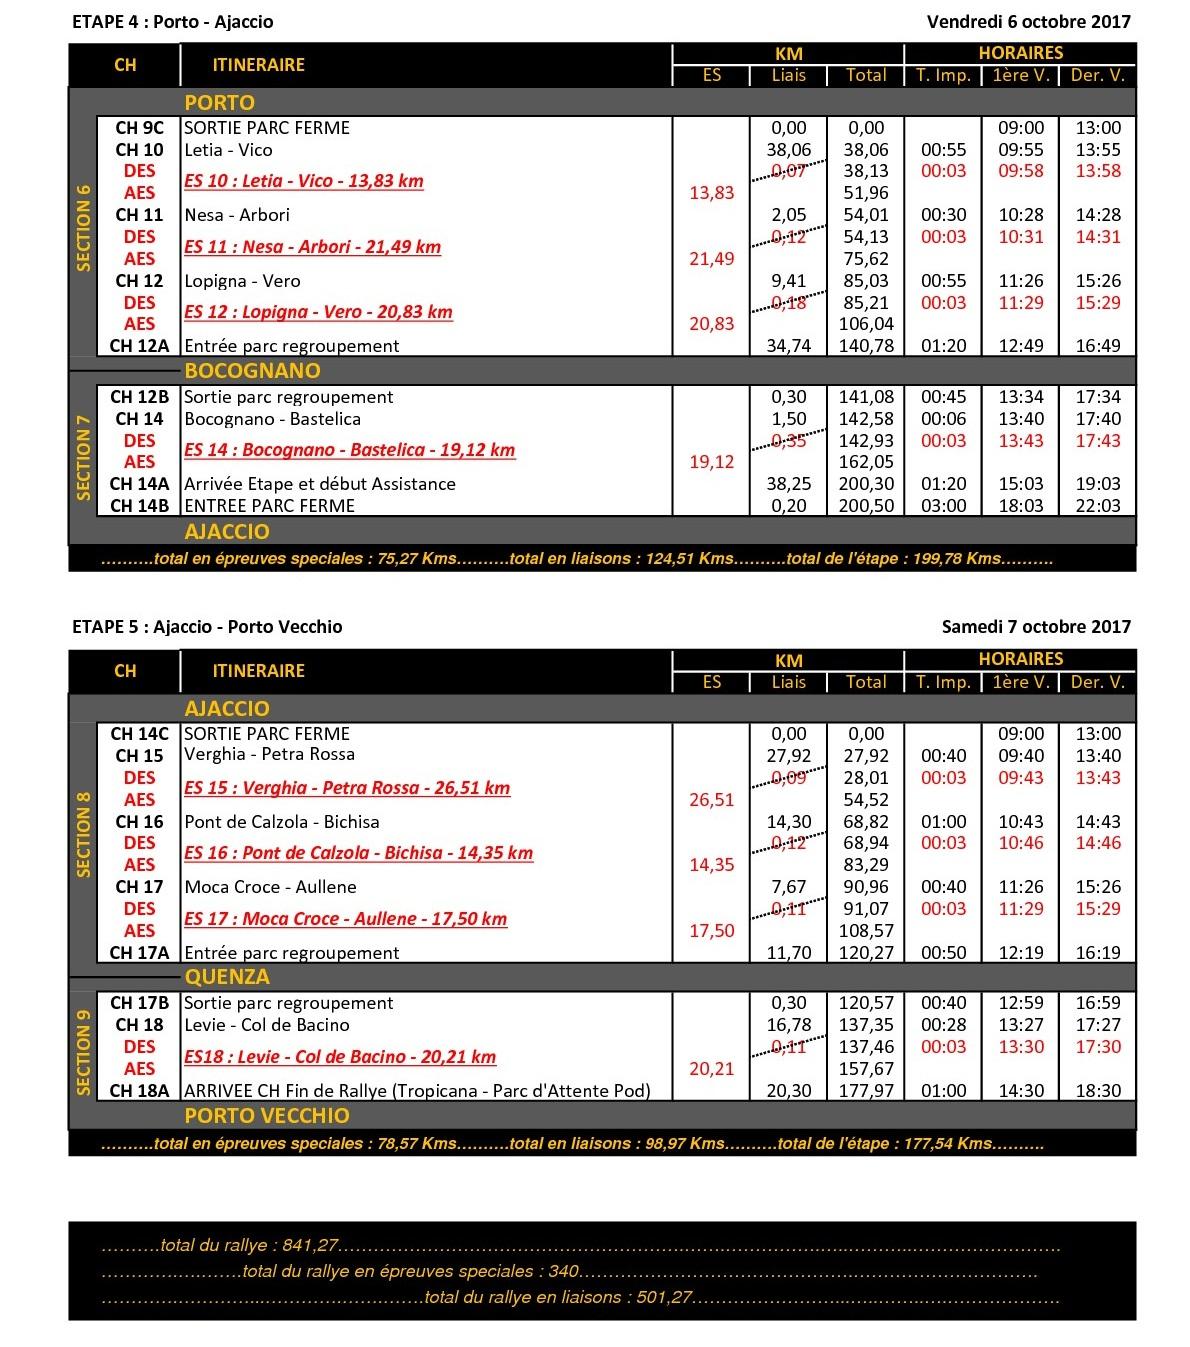 Itinéraire Horaire Tour 2017-002-002.jpg